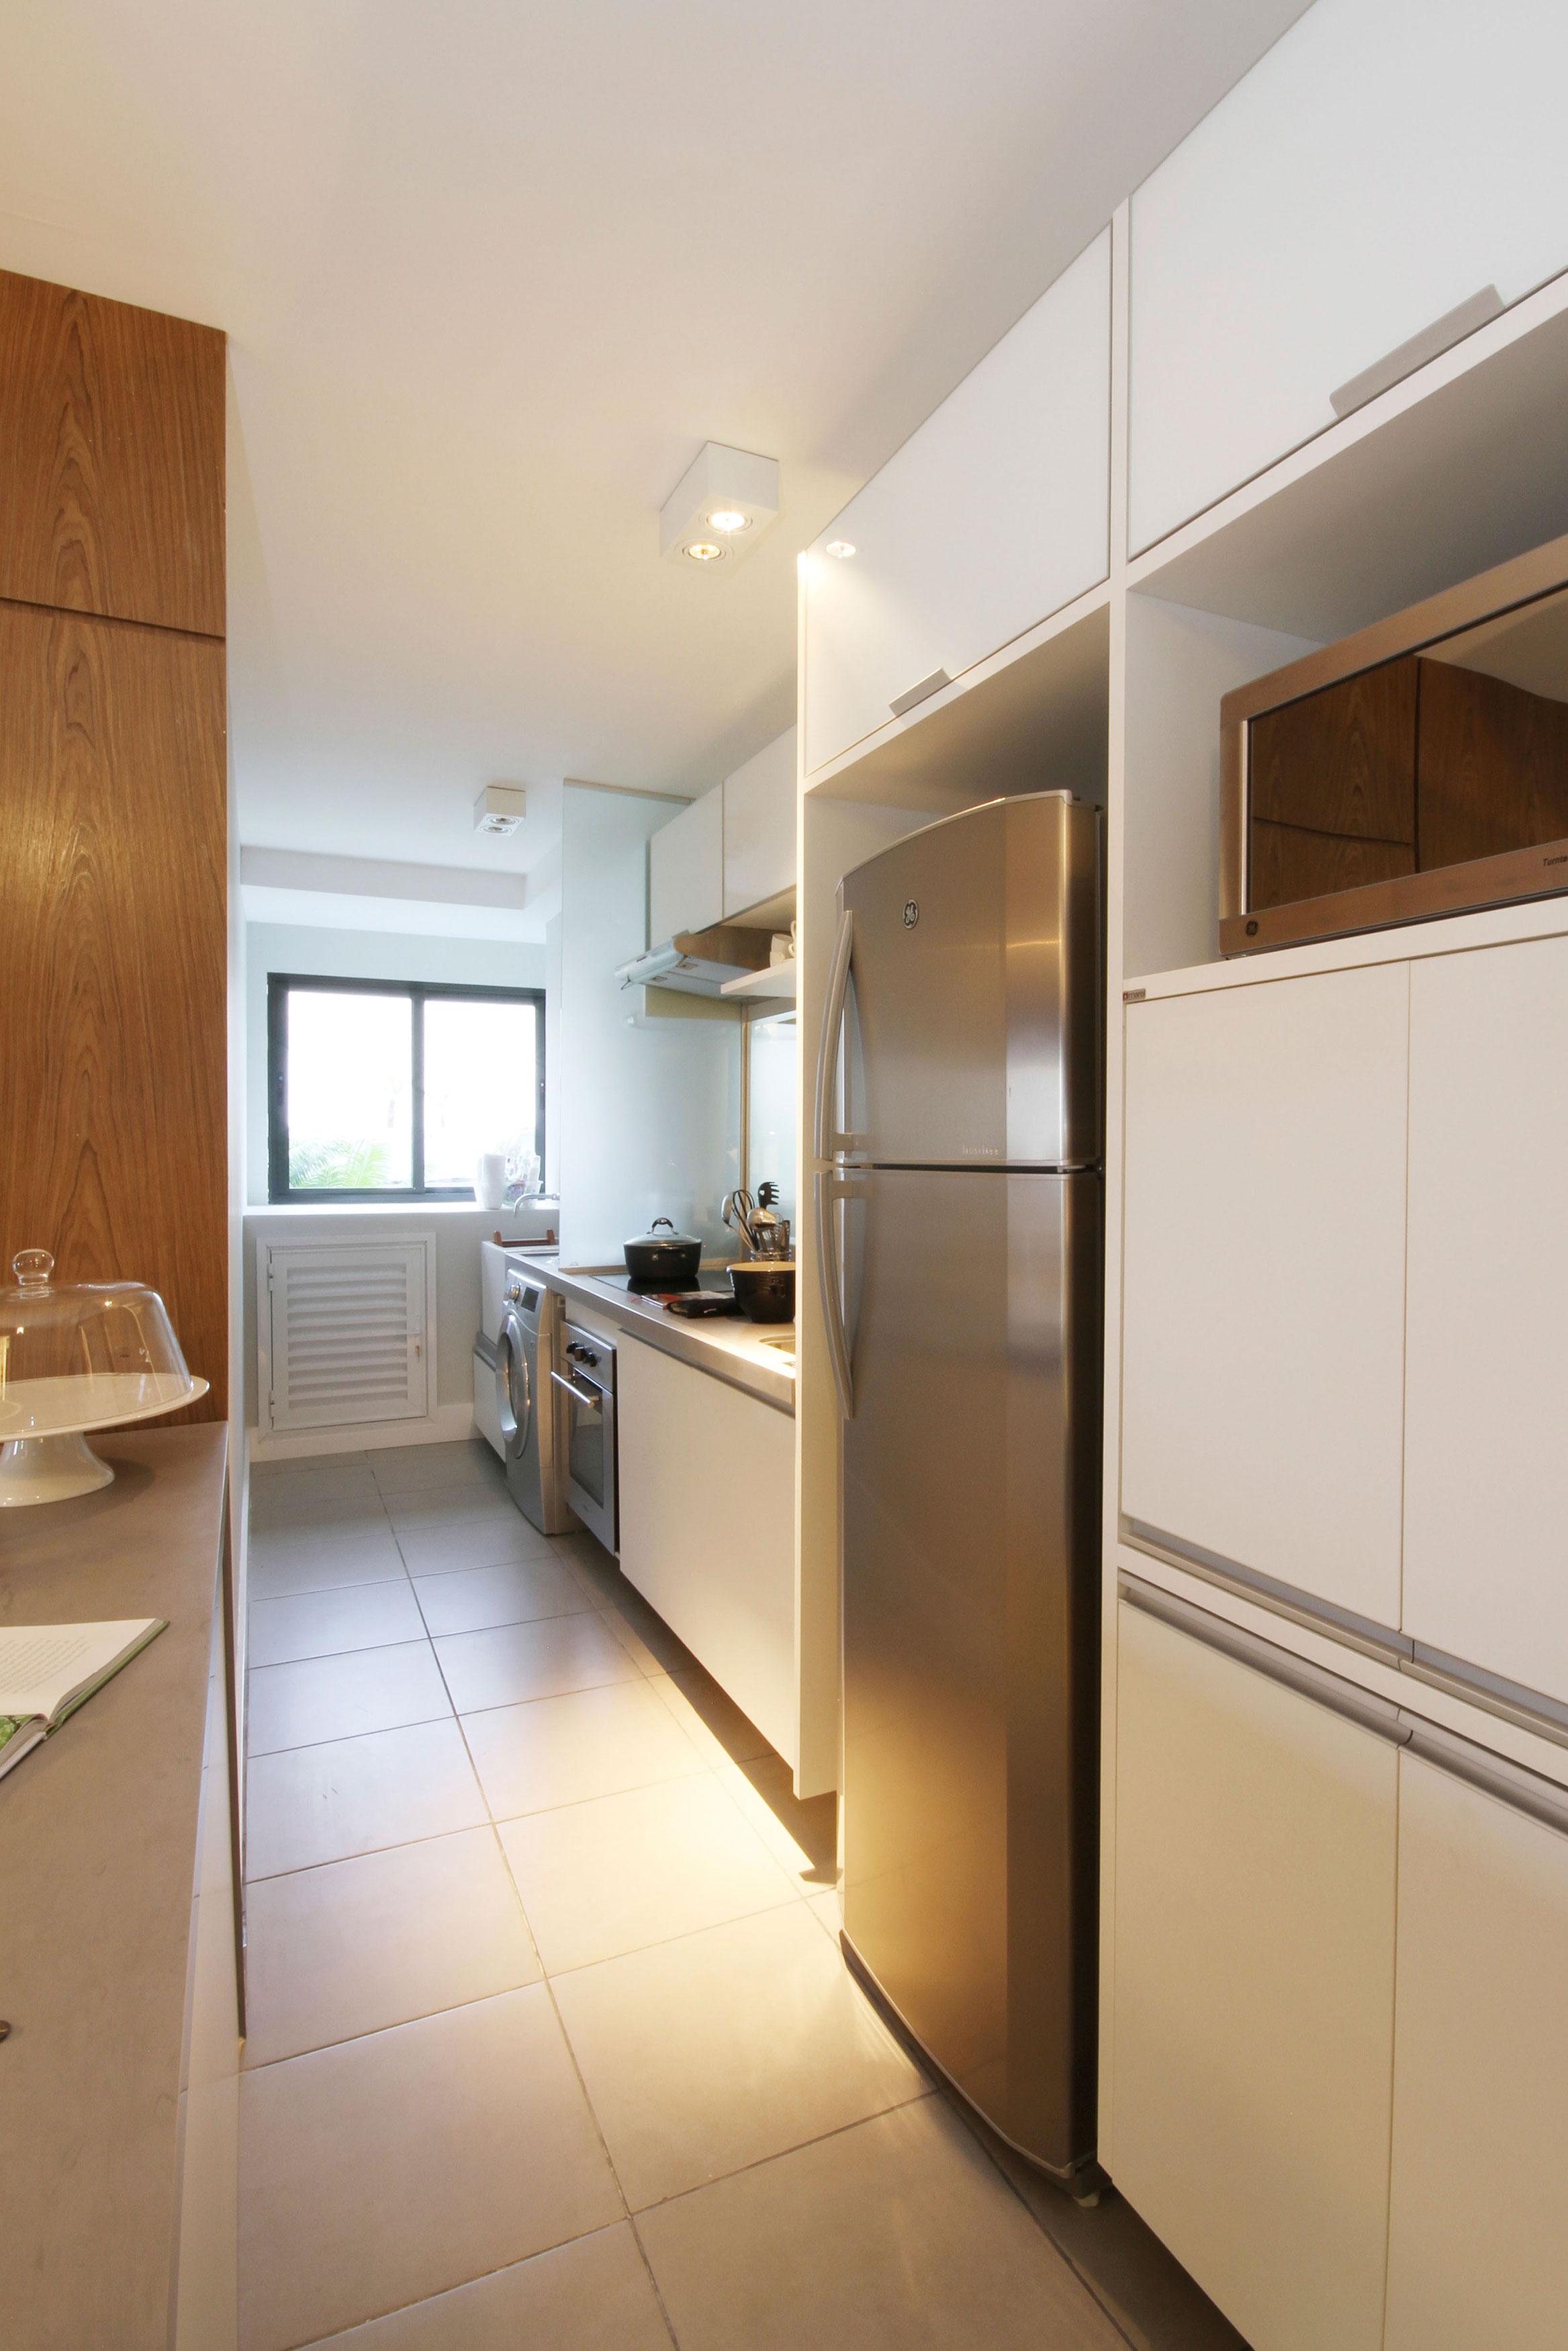 76,43m² - Cozinha 2